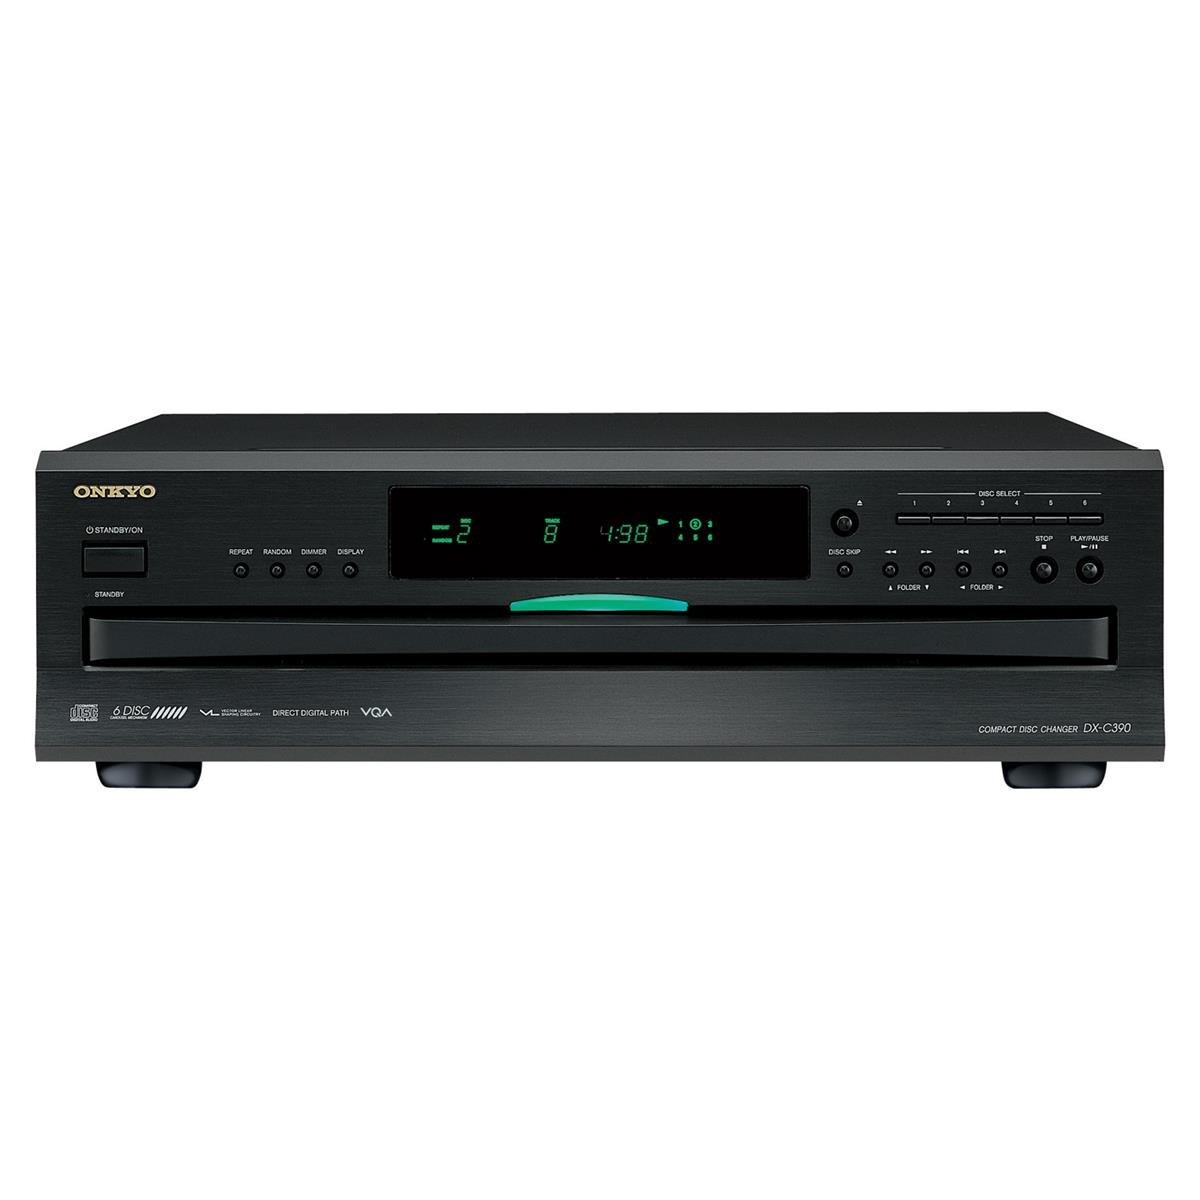 Onkyo DXC390 6 Disc CD Changer by Onkyo